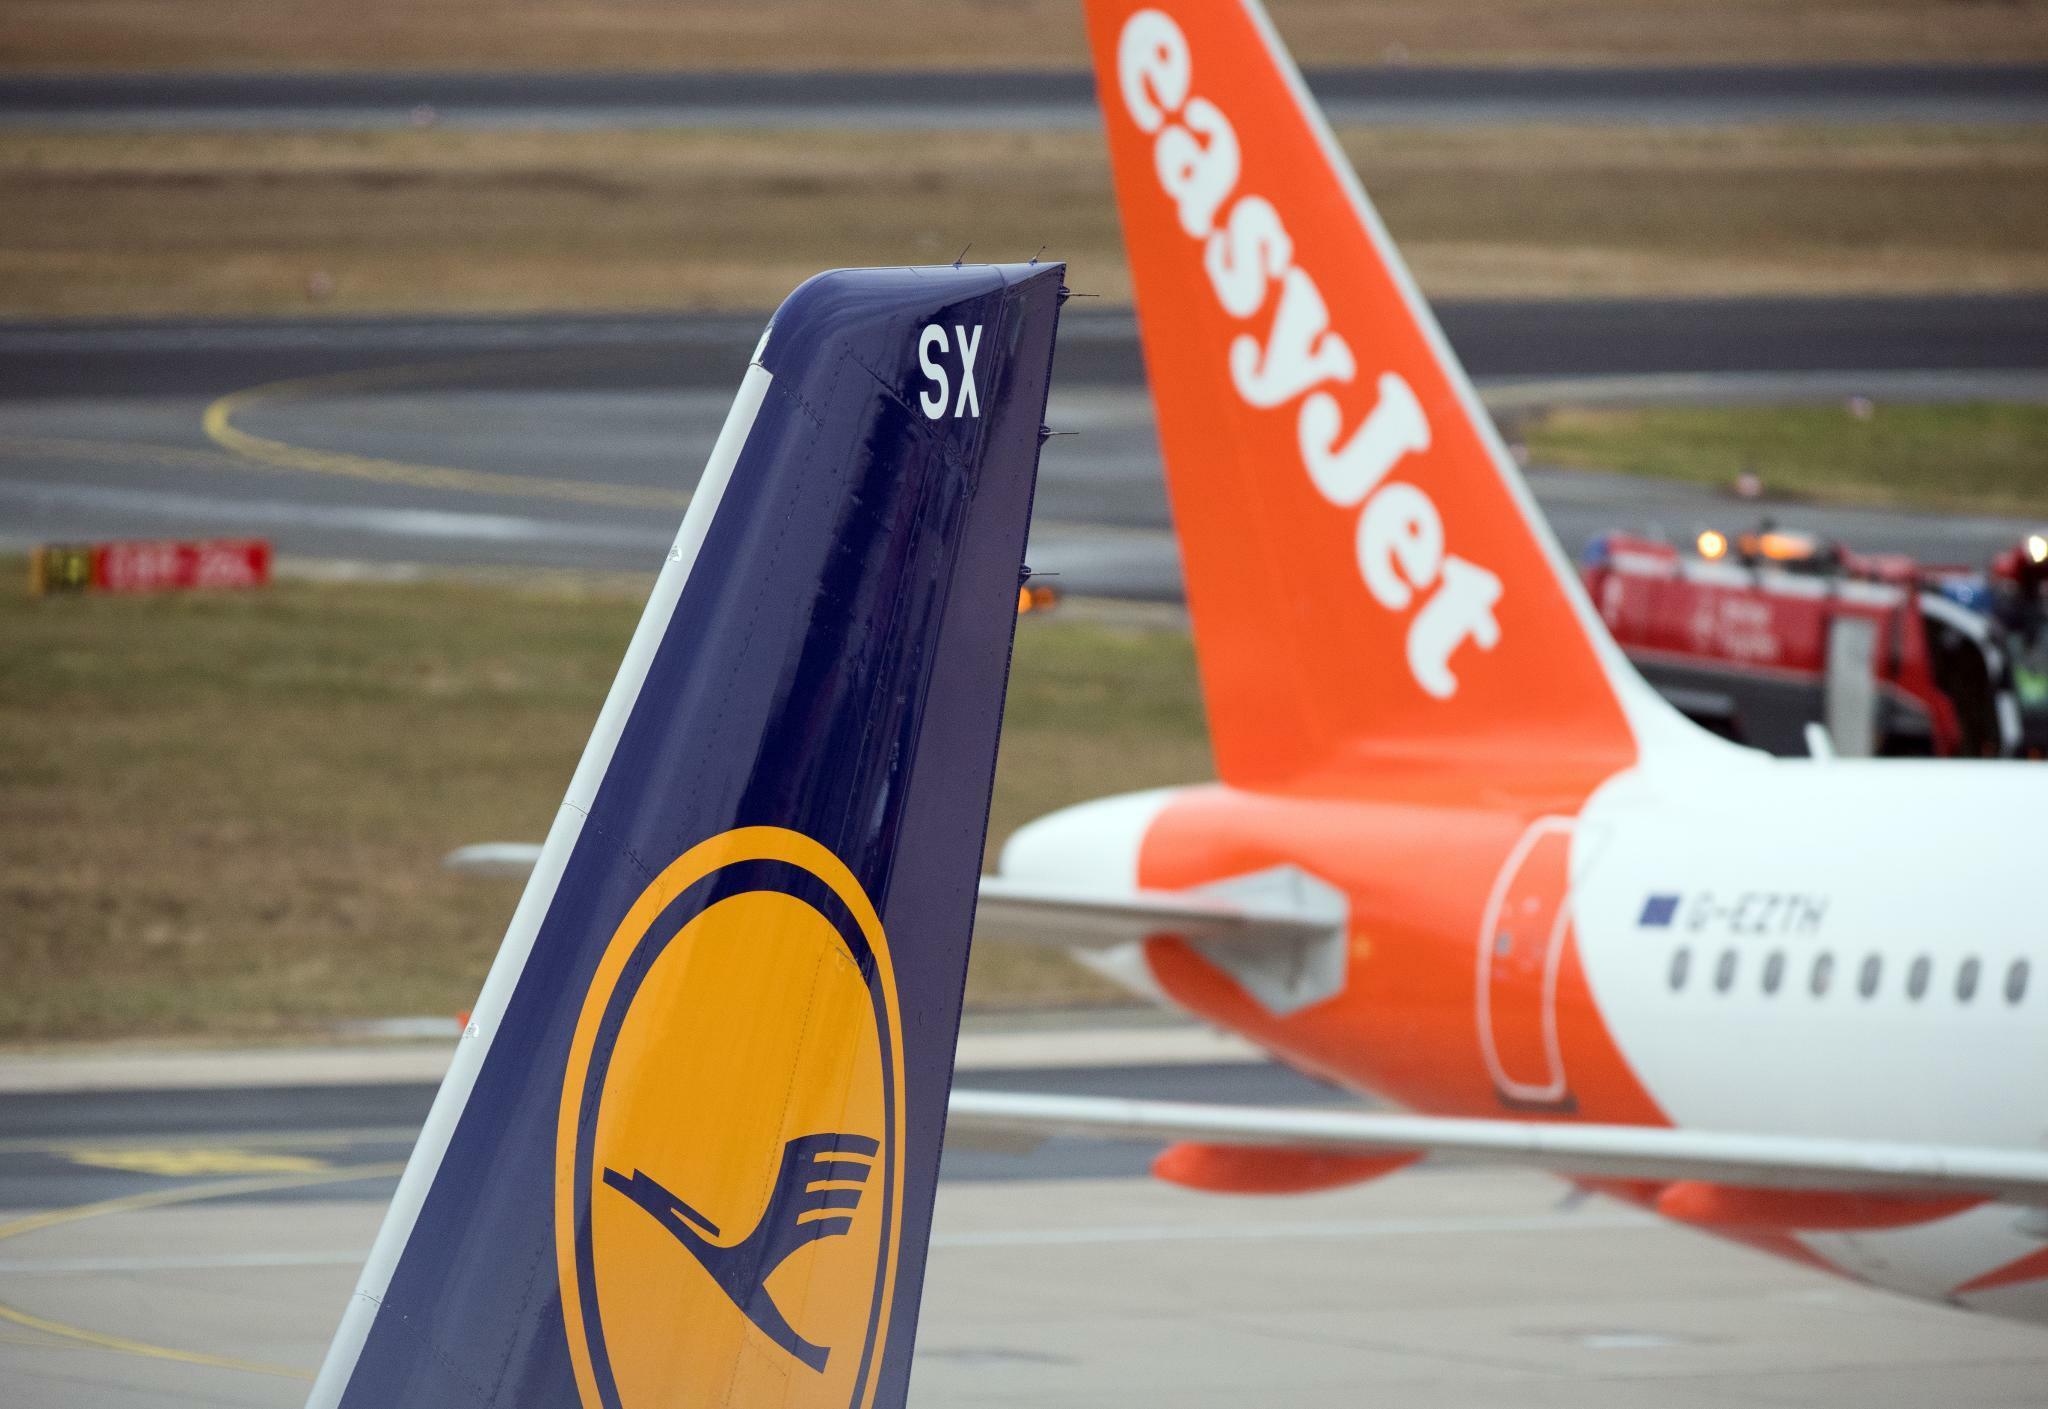 Easyjet, Lufthansa, Ikea: Die Top-Firmenereignisse der Woche